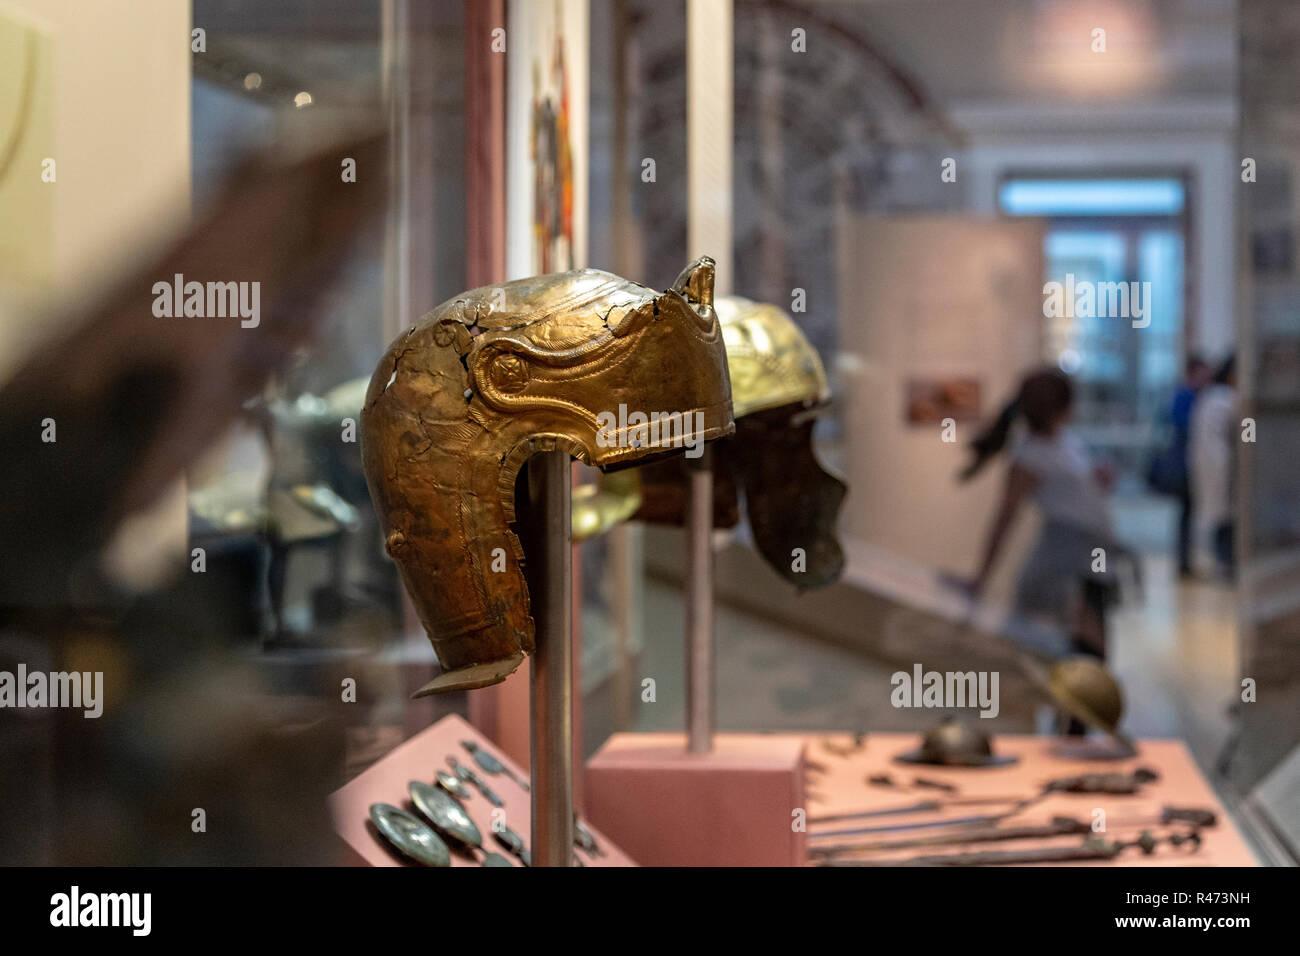 British Museum, London, England, United Kingdom - Stock Image